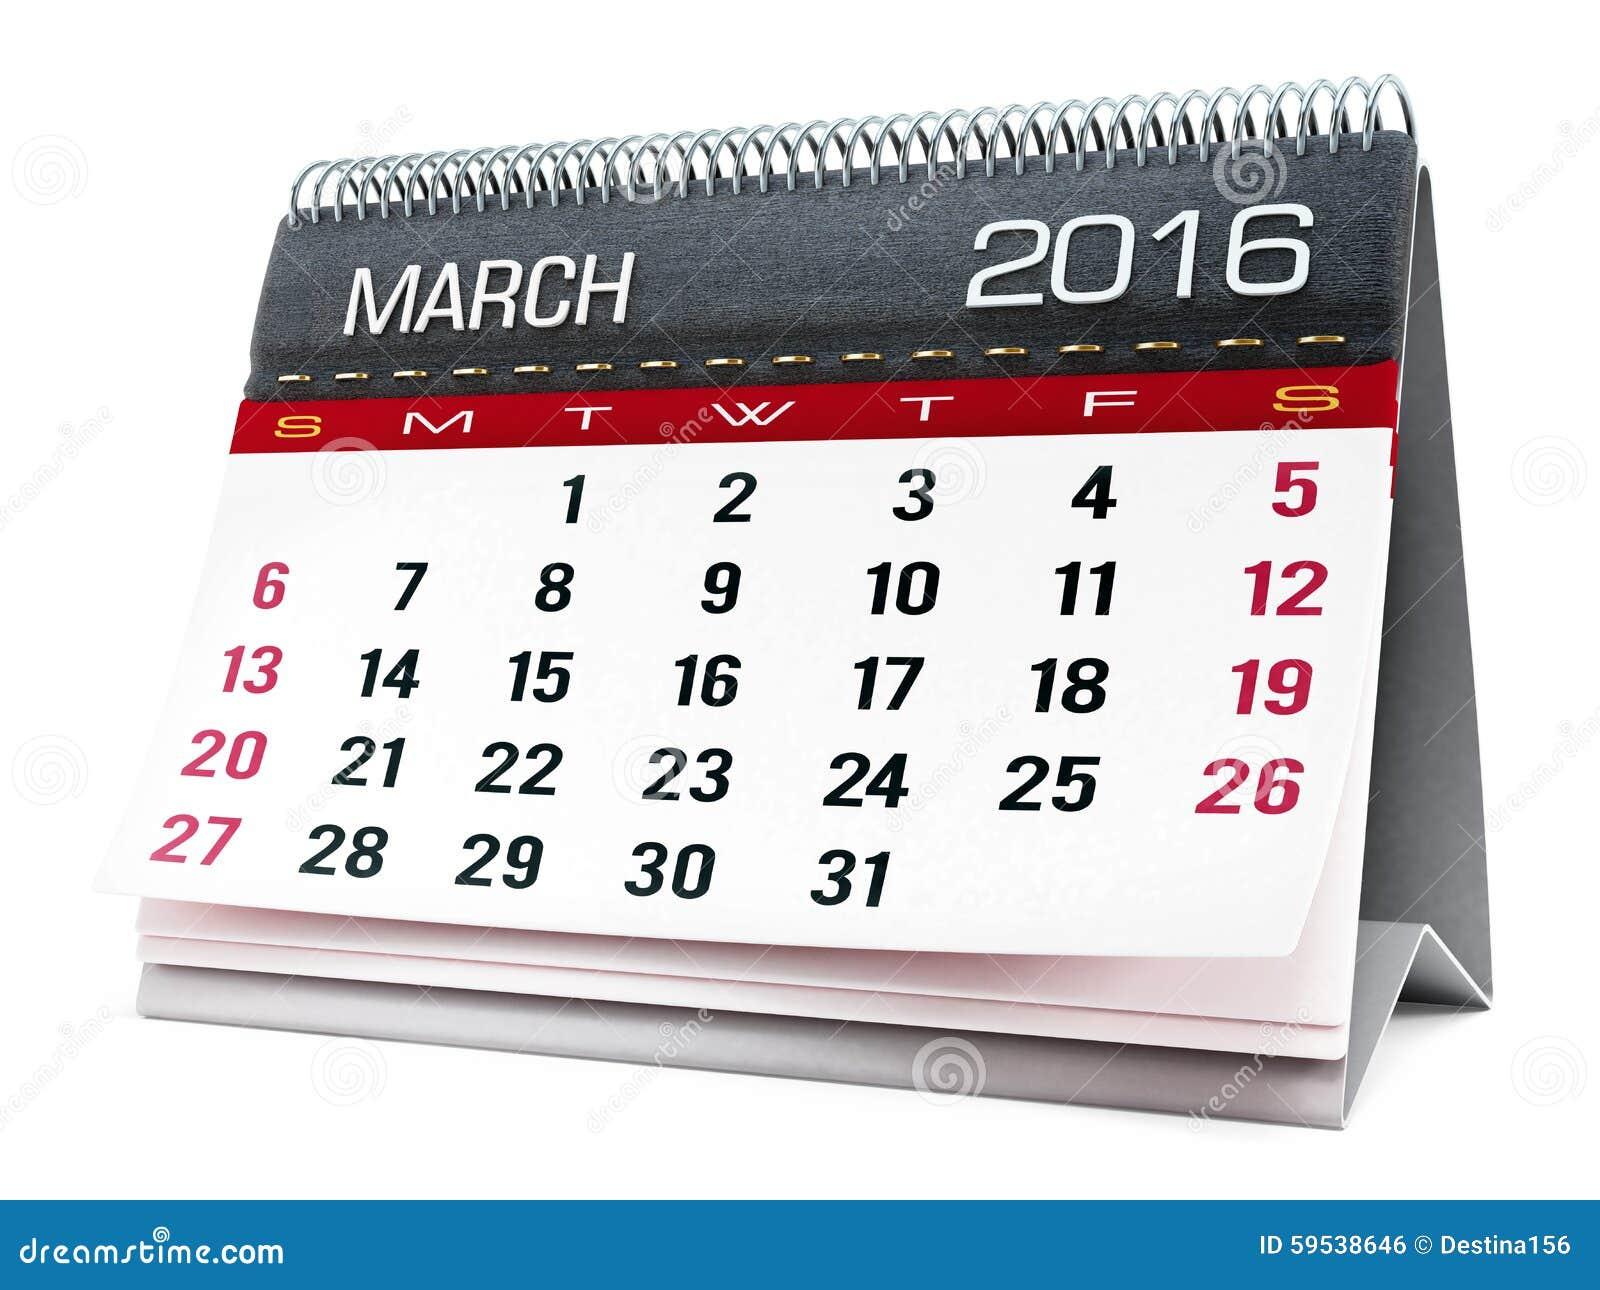 March 2016 desktop calendar